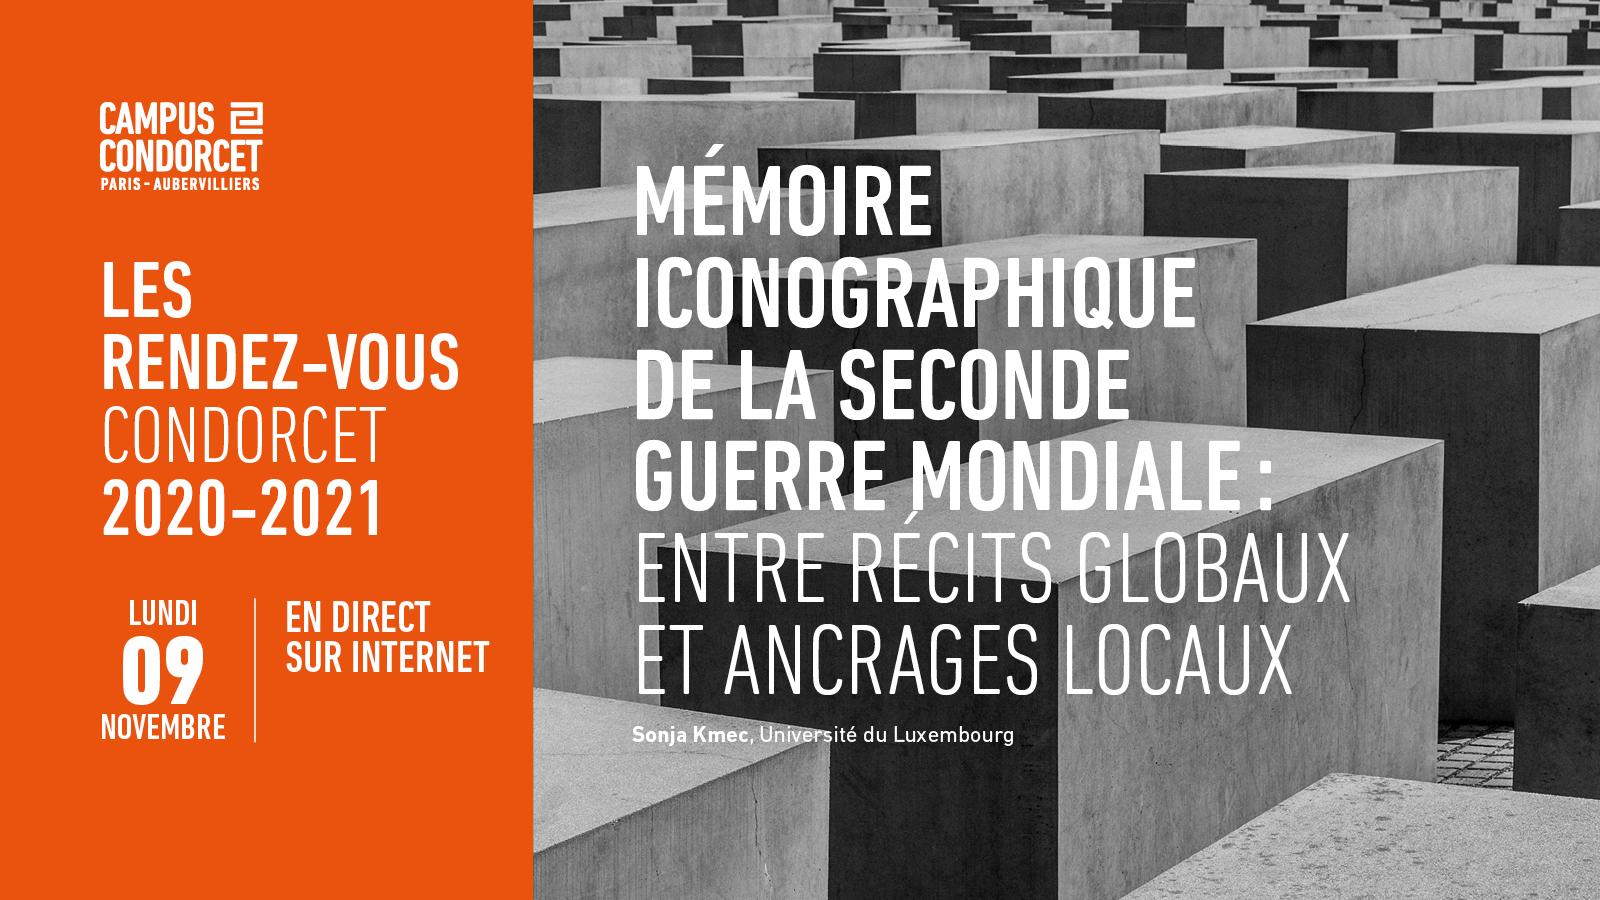 Rendez-vous Condorcet - Mémoire iconographique de la Seconde Guerre mondiale: entre récits globaux et ancrages locaux